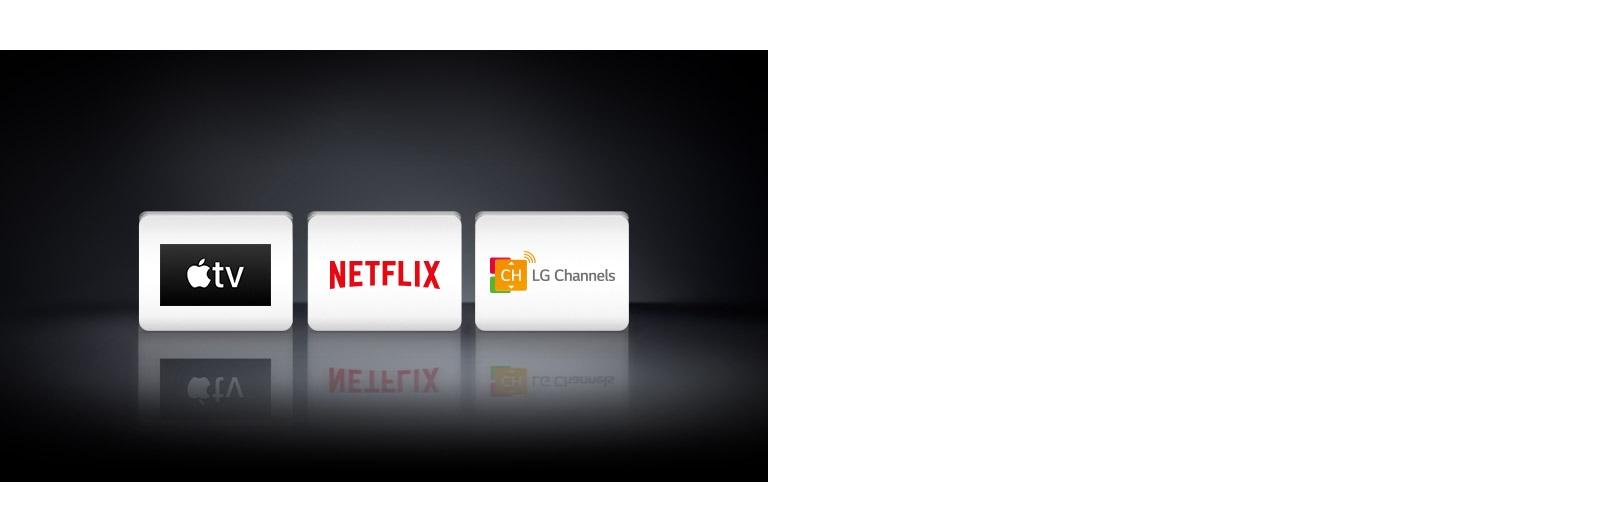 Loga tří aplikací zobrazená zleva doprava: Apple TV, Netflix aLG Channels.